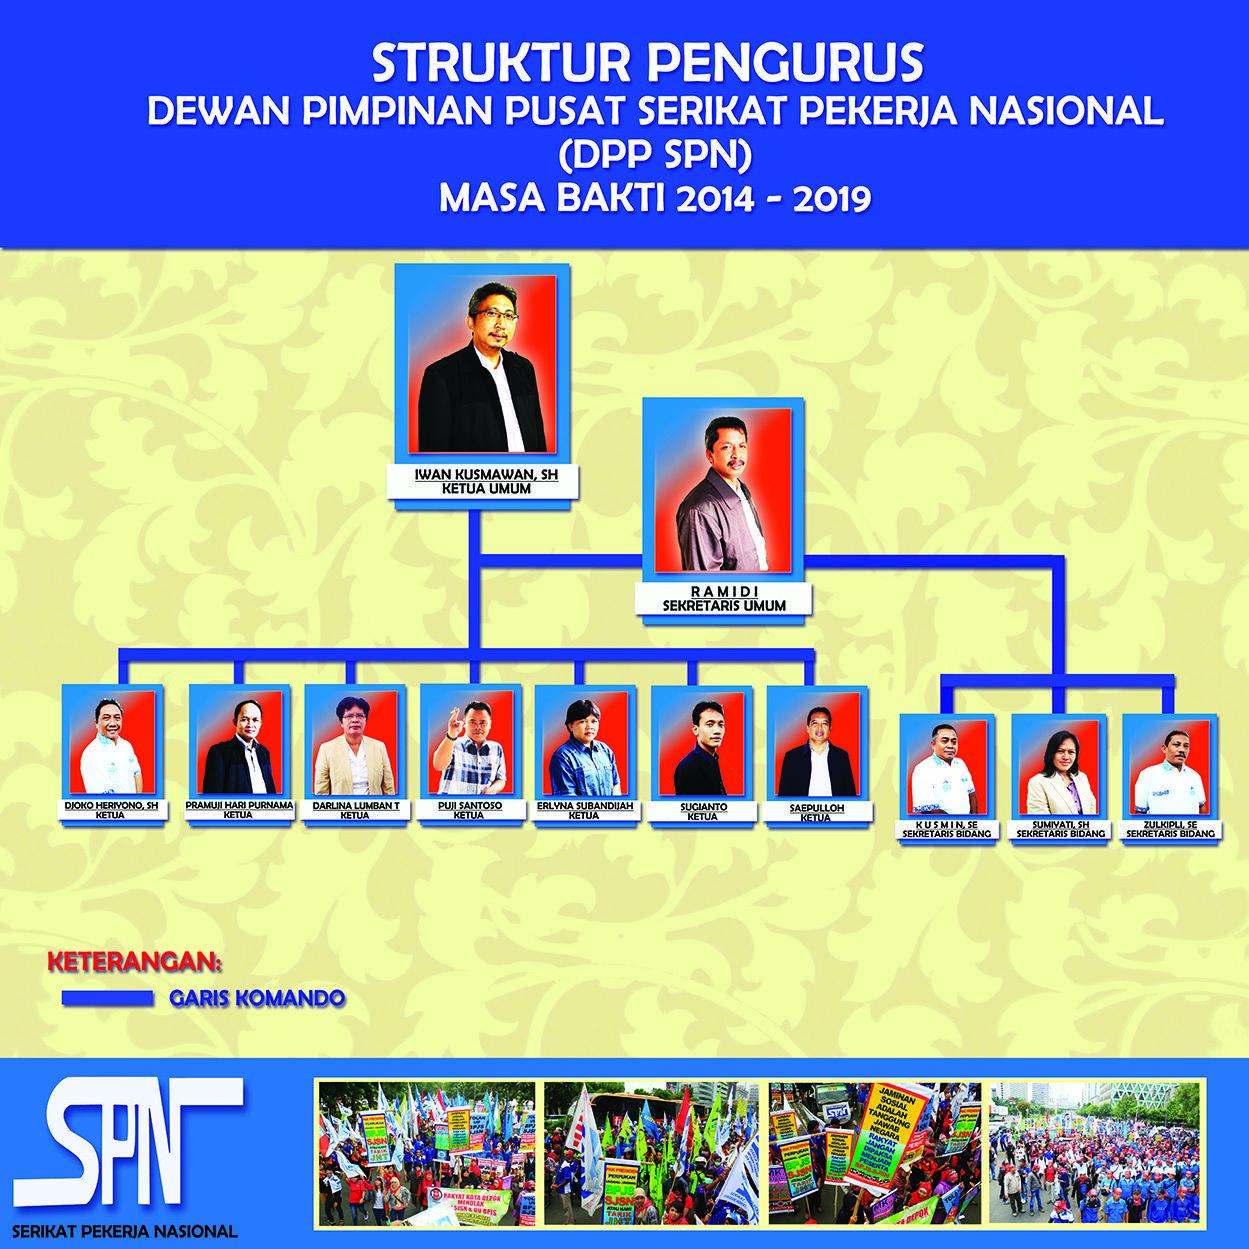 STRUKTUR DPP SPN web